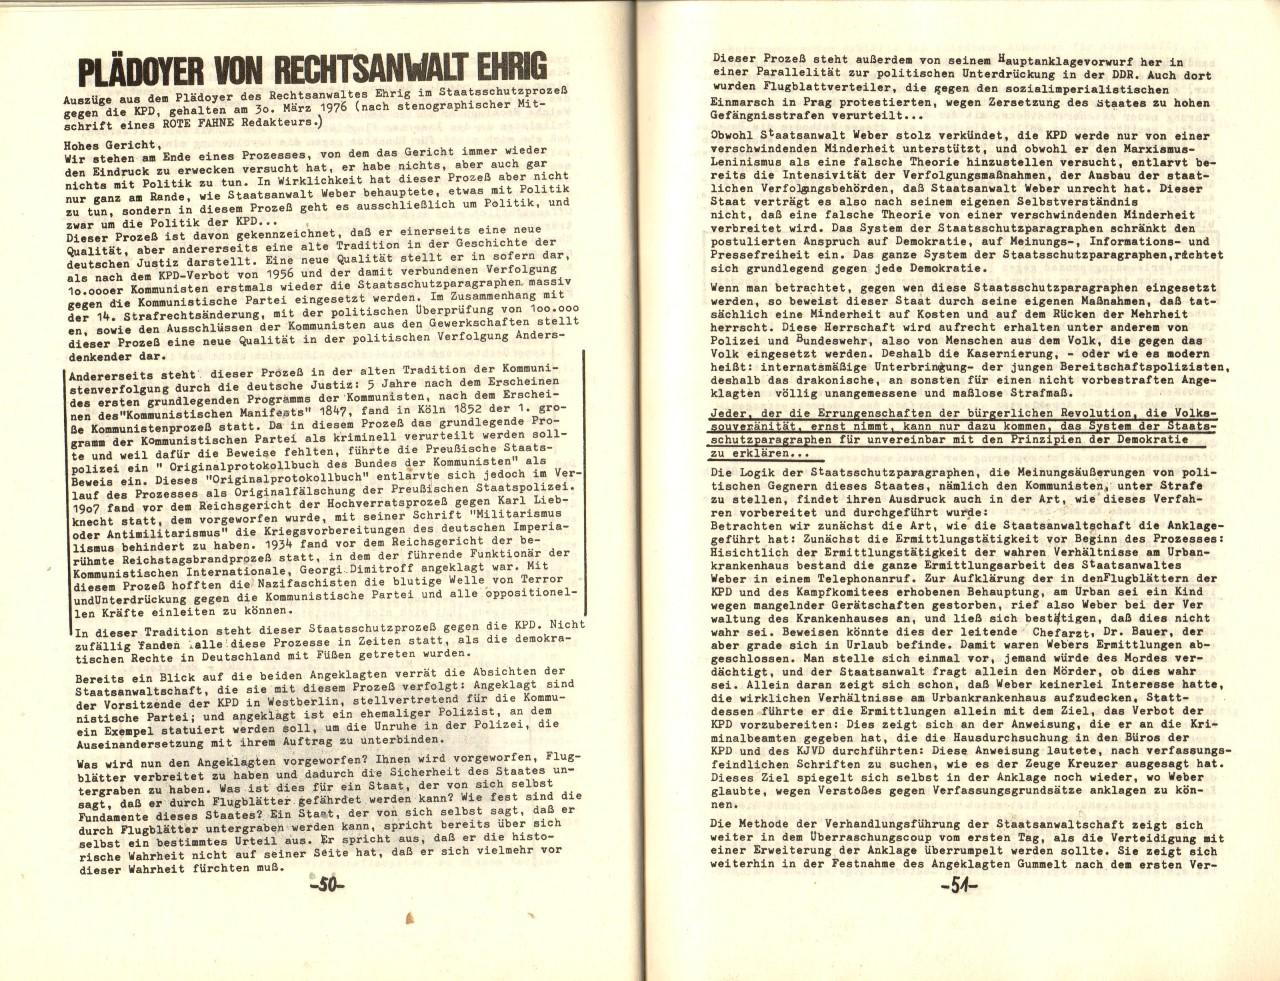 Berlin_KPD_1976_Staatsschutzprozess02_27